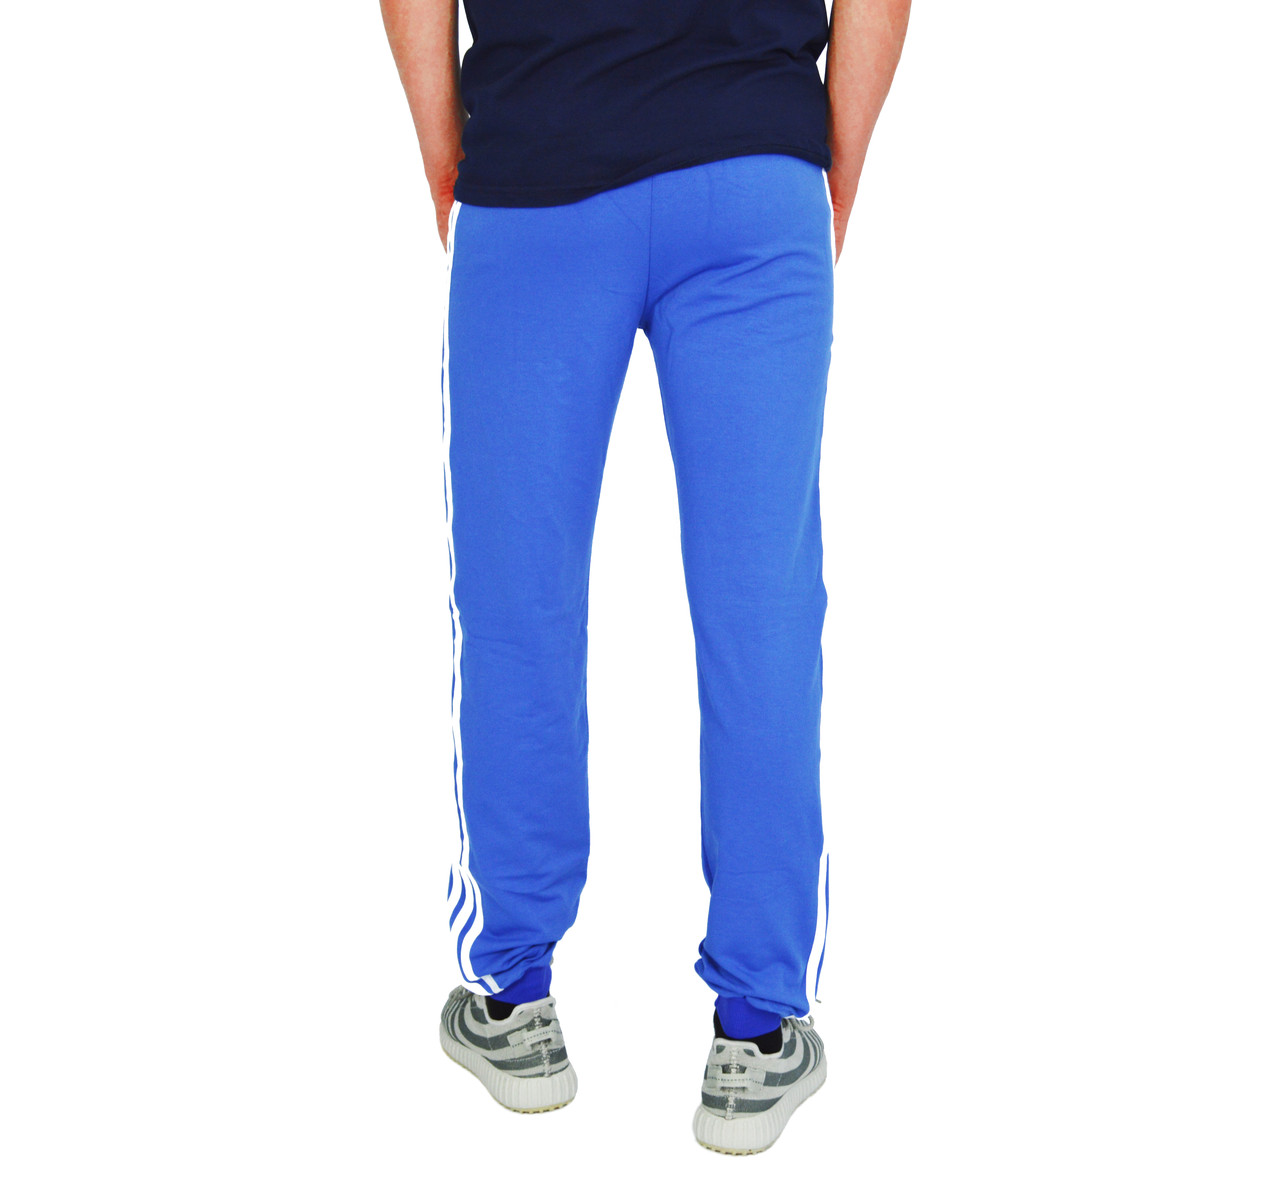 8bc72b56 ... Ярко-Синие мужские спортивные трикотажные штаны с манжетами ADIDAS ,  фото 4